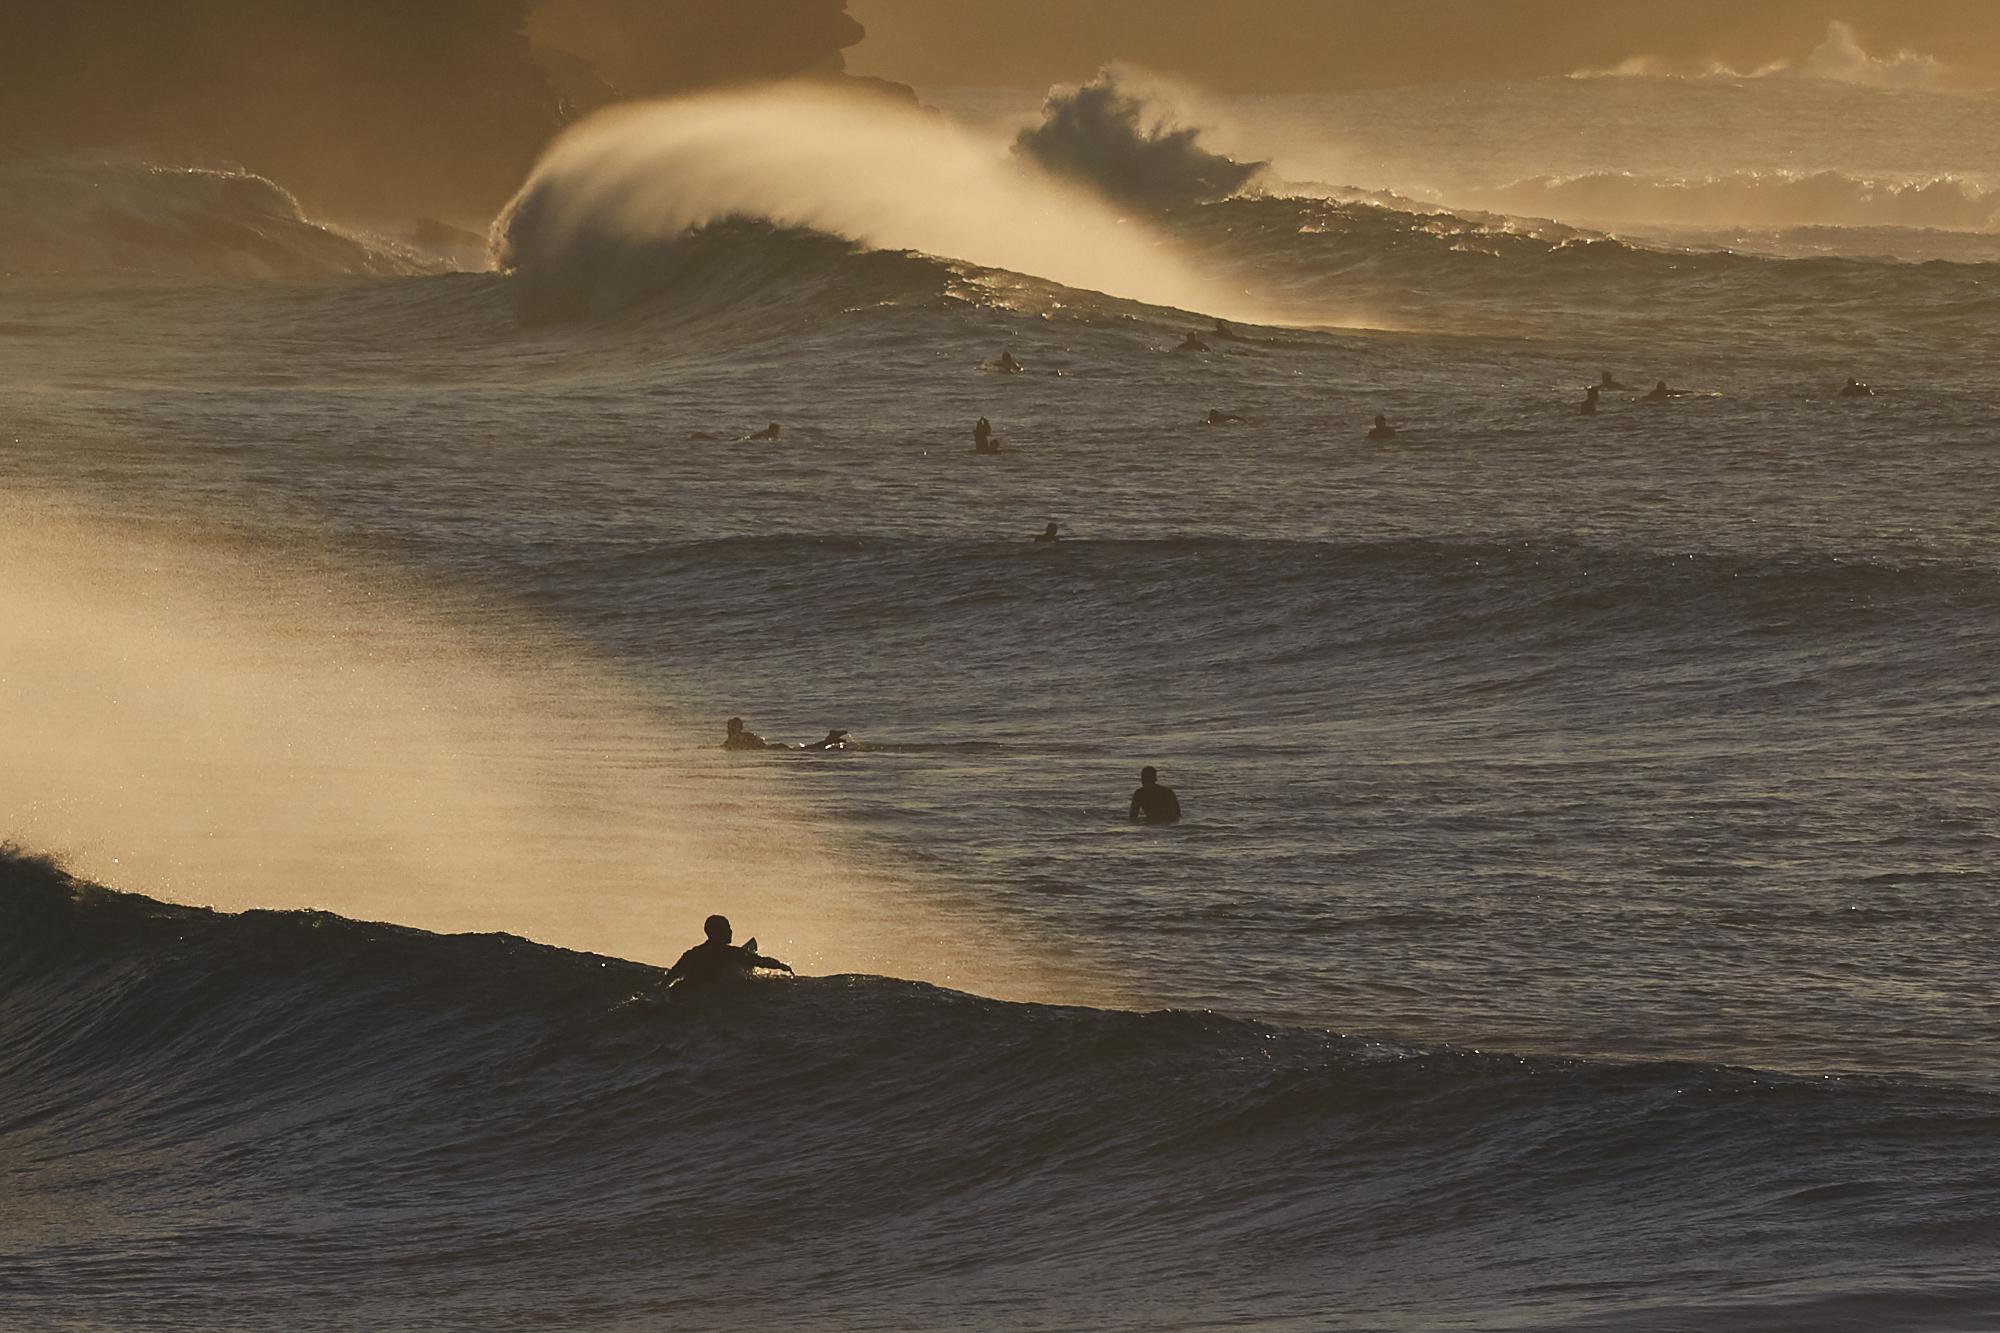 Bronte Beach surfing